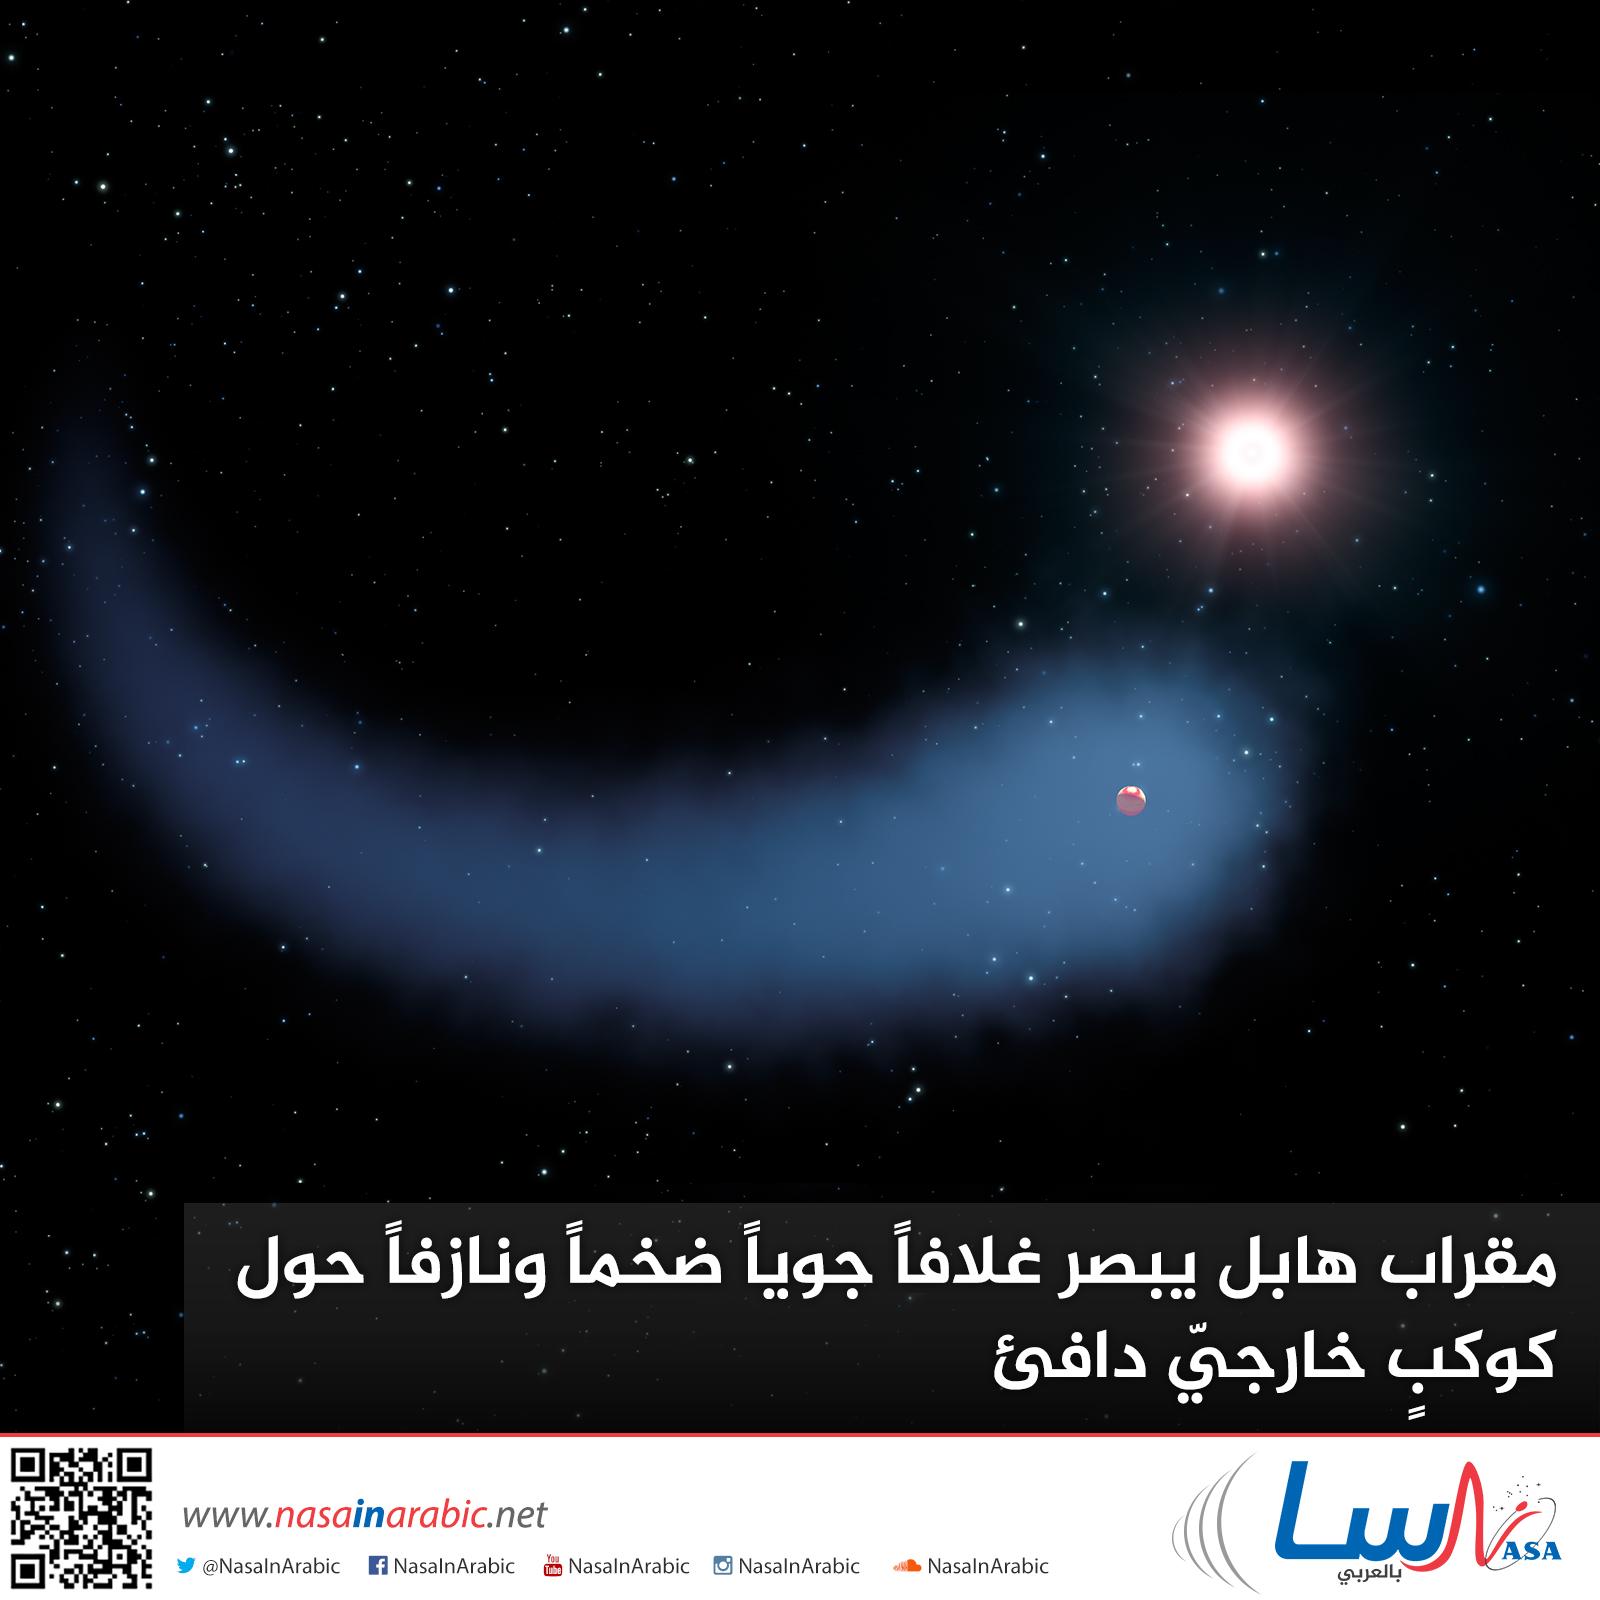 مقراب هابل يبصر غلافاً جوياً ضخماً ونازفاً حول كوكبٍ خارجيّ دافئ